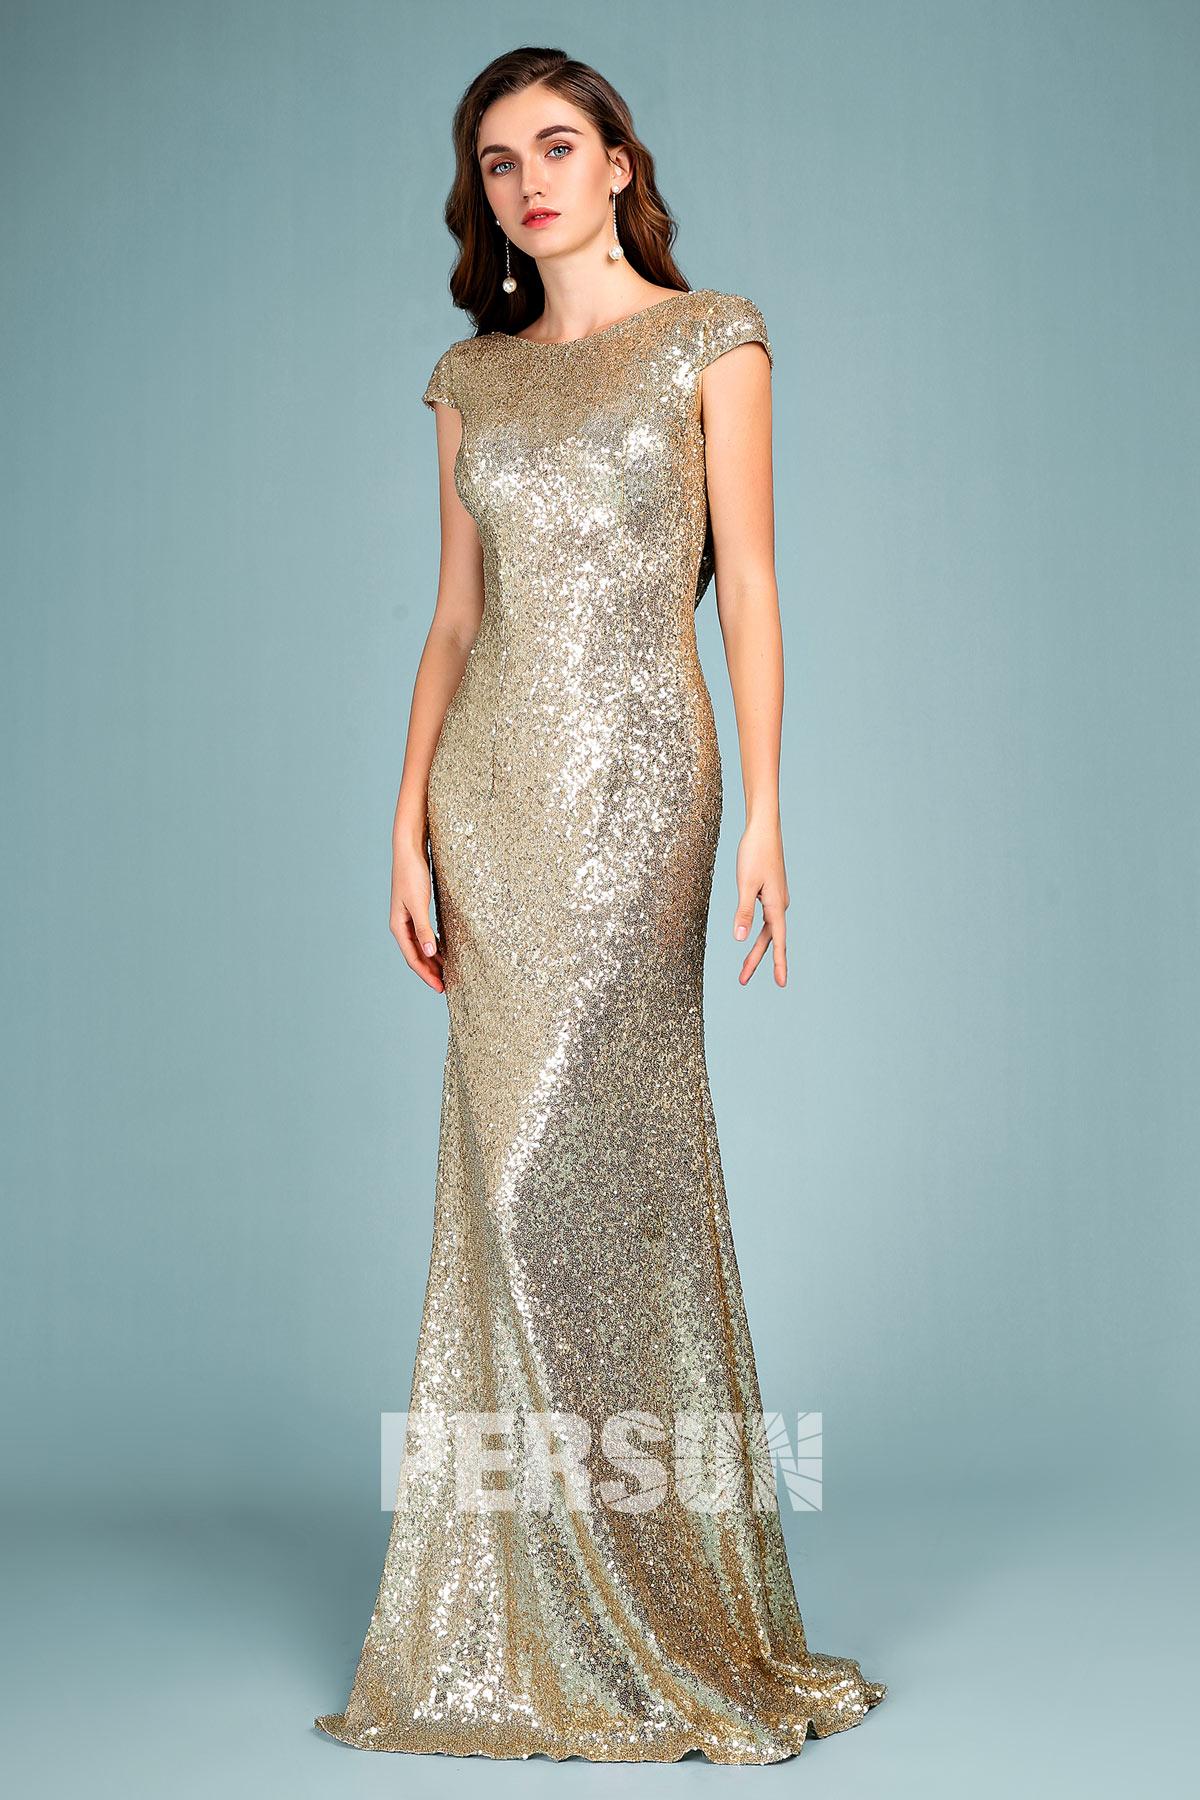 robe de soirée dorée longue col rond avec manches courtes en sequin